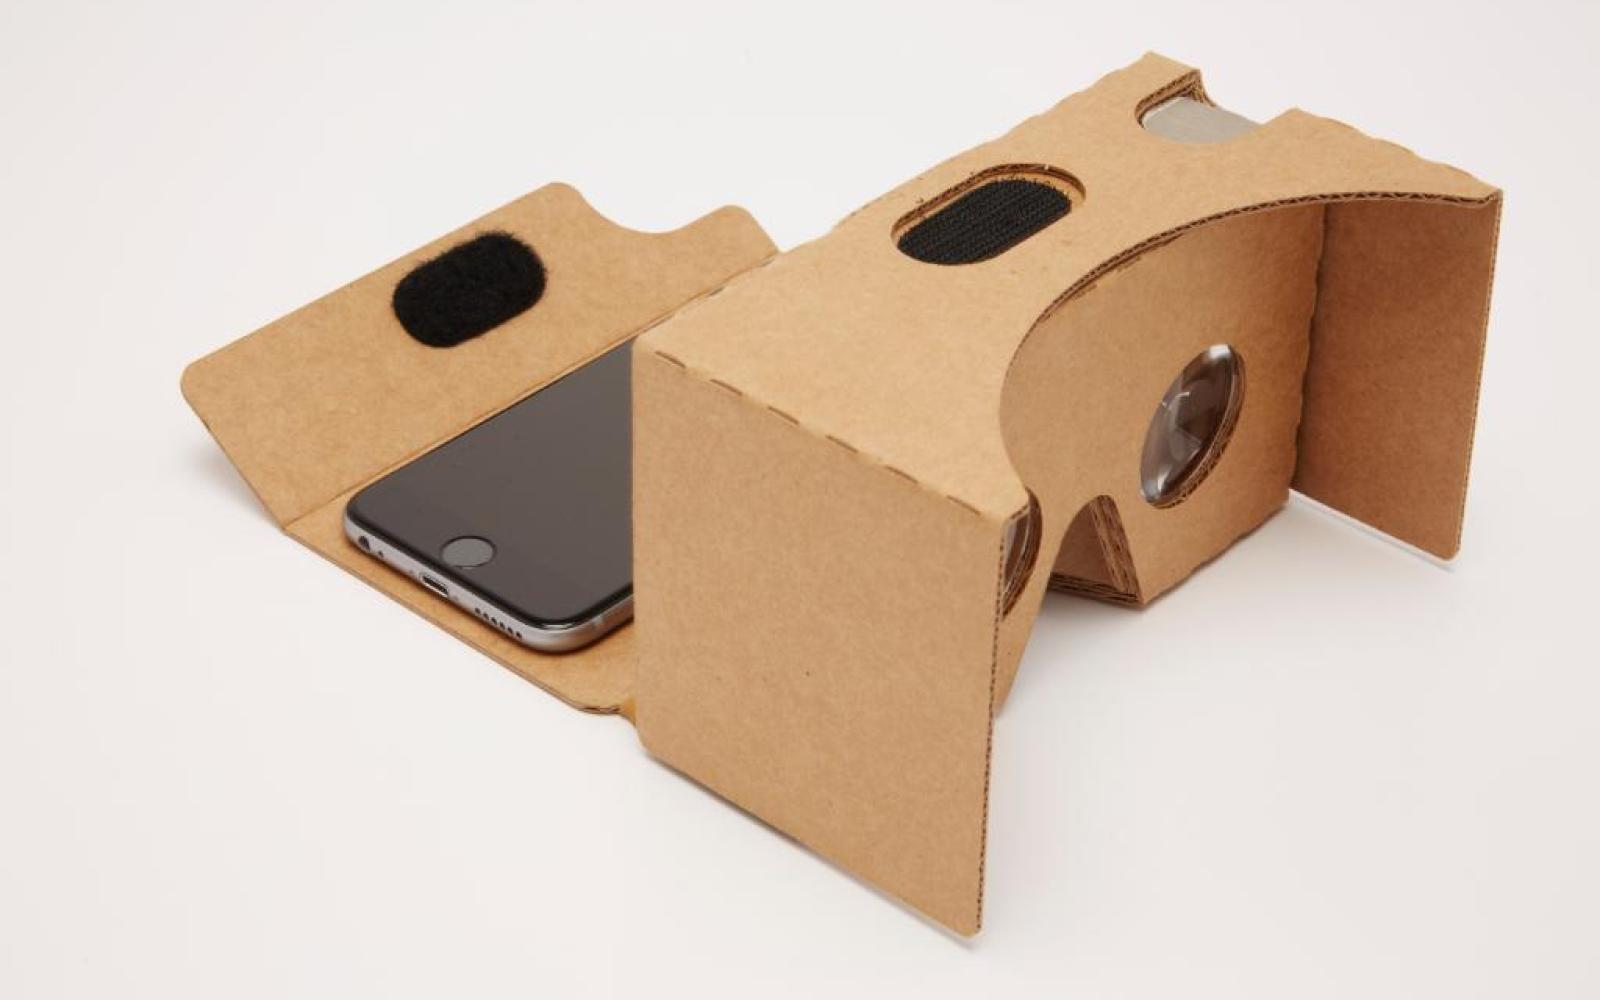 Google Cardboard VR viewer & SDK now support iOS